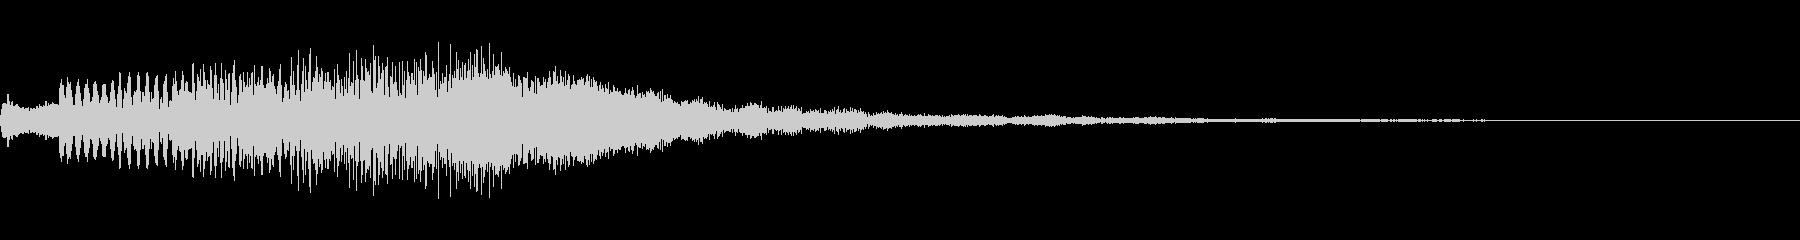 少し広がりのあるキラキラ音です。の未再生の波形